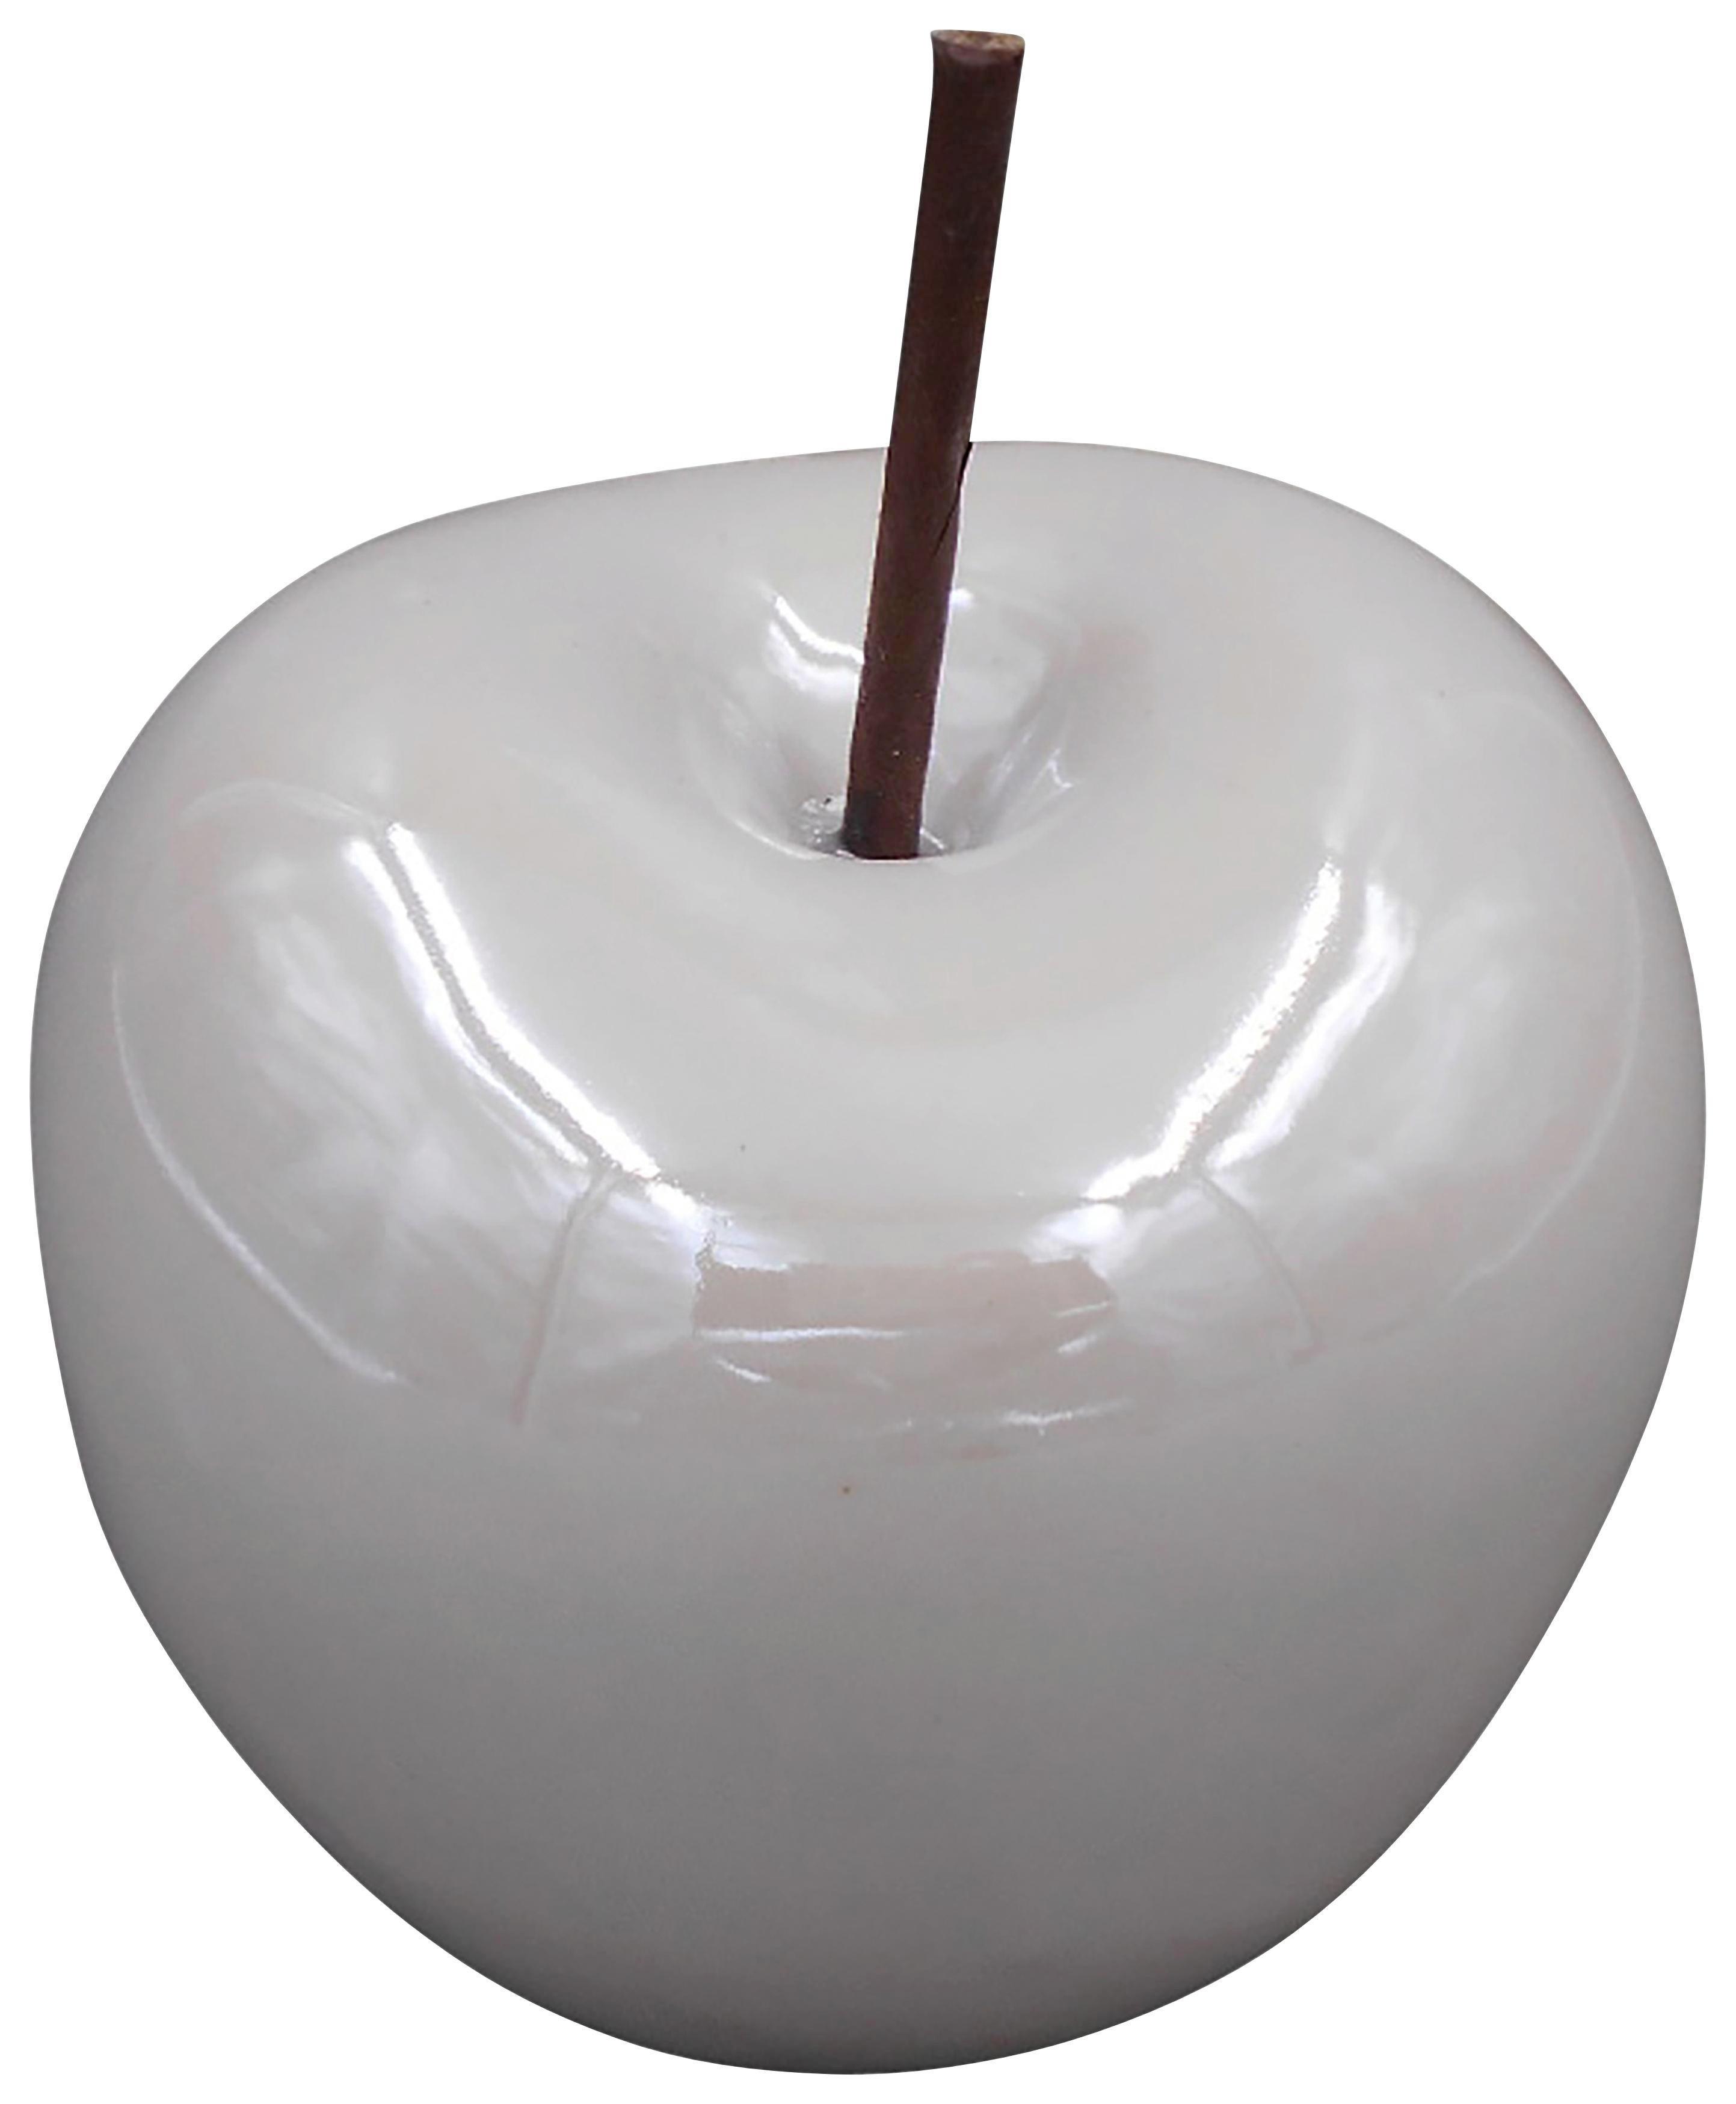 DEKORATIONSÄPPLE - pärlemor, Basics, keramik (7,7/7,7cm) - Ambia Home